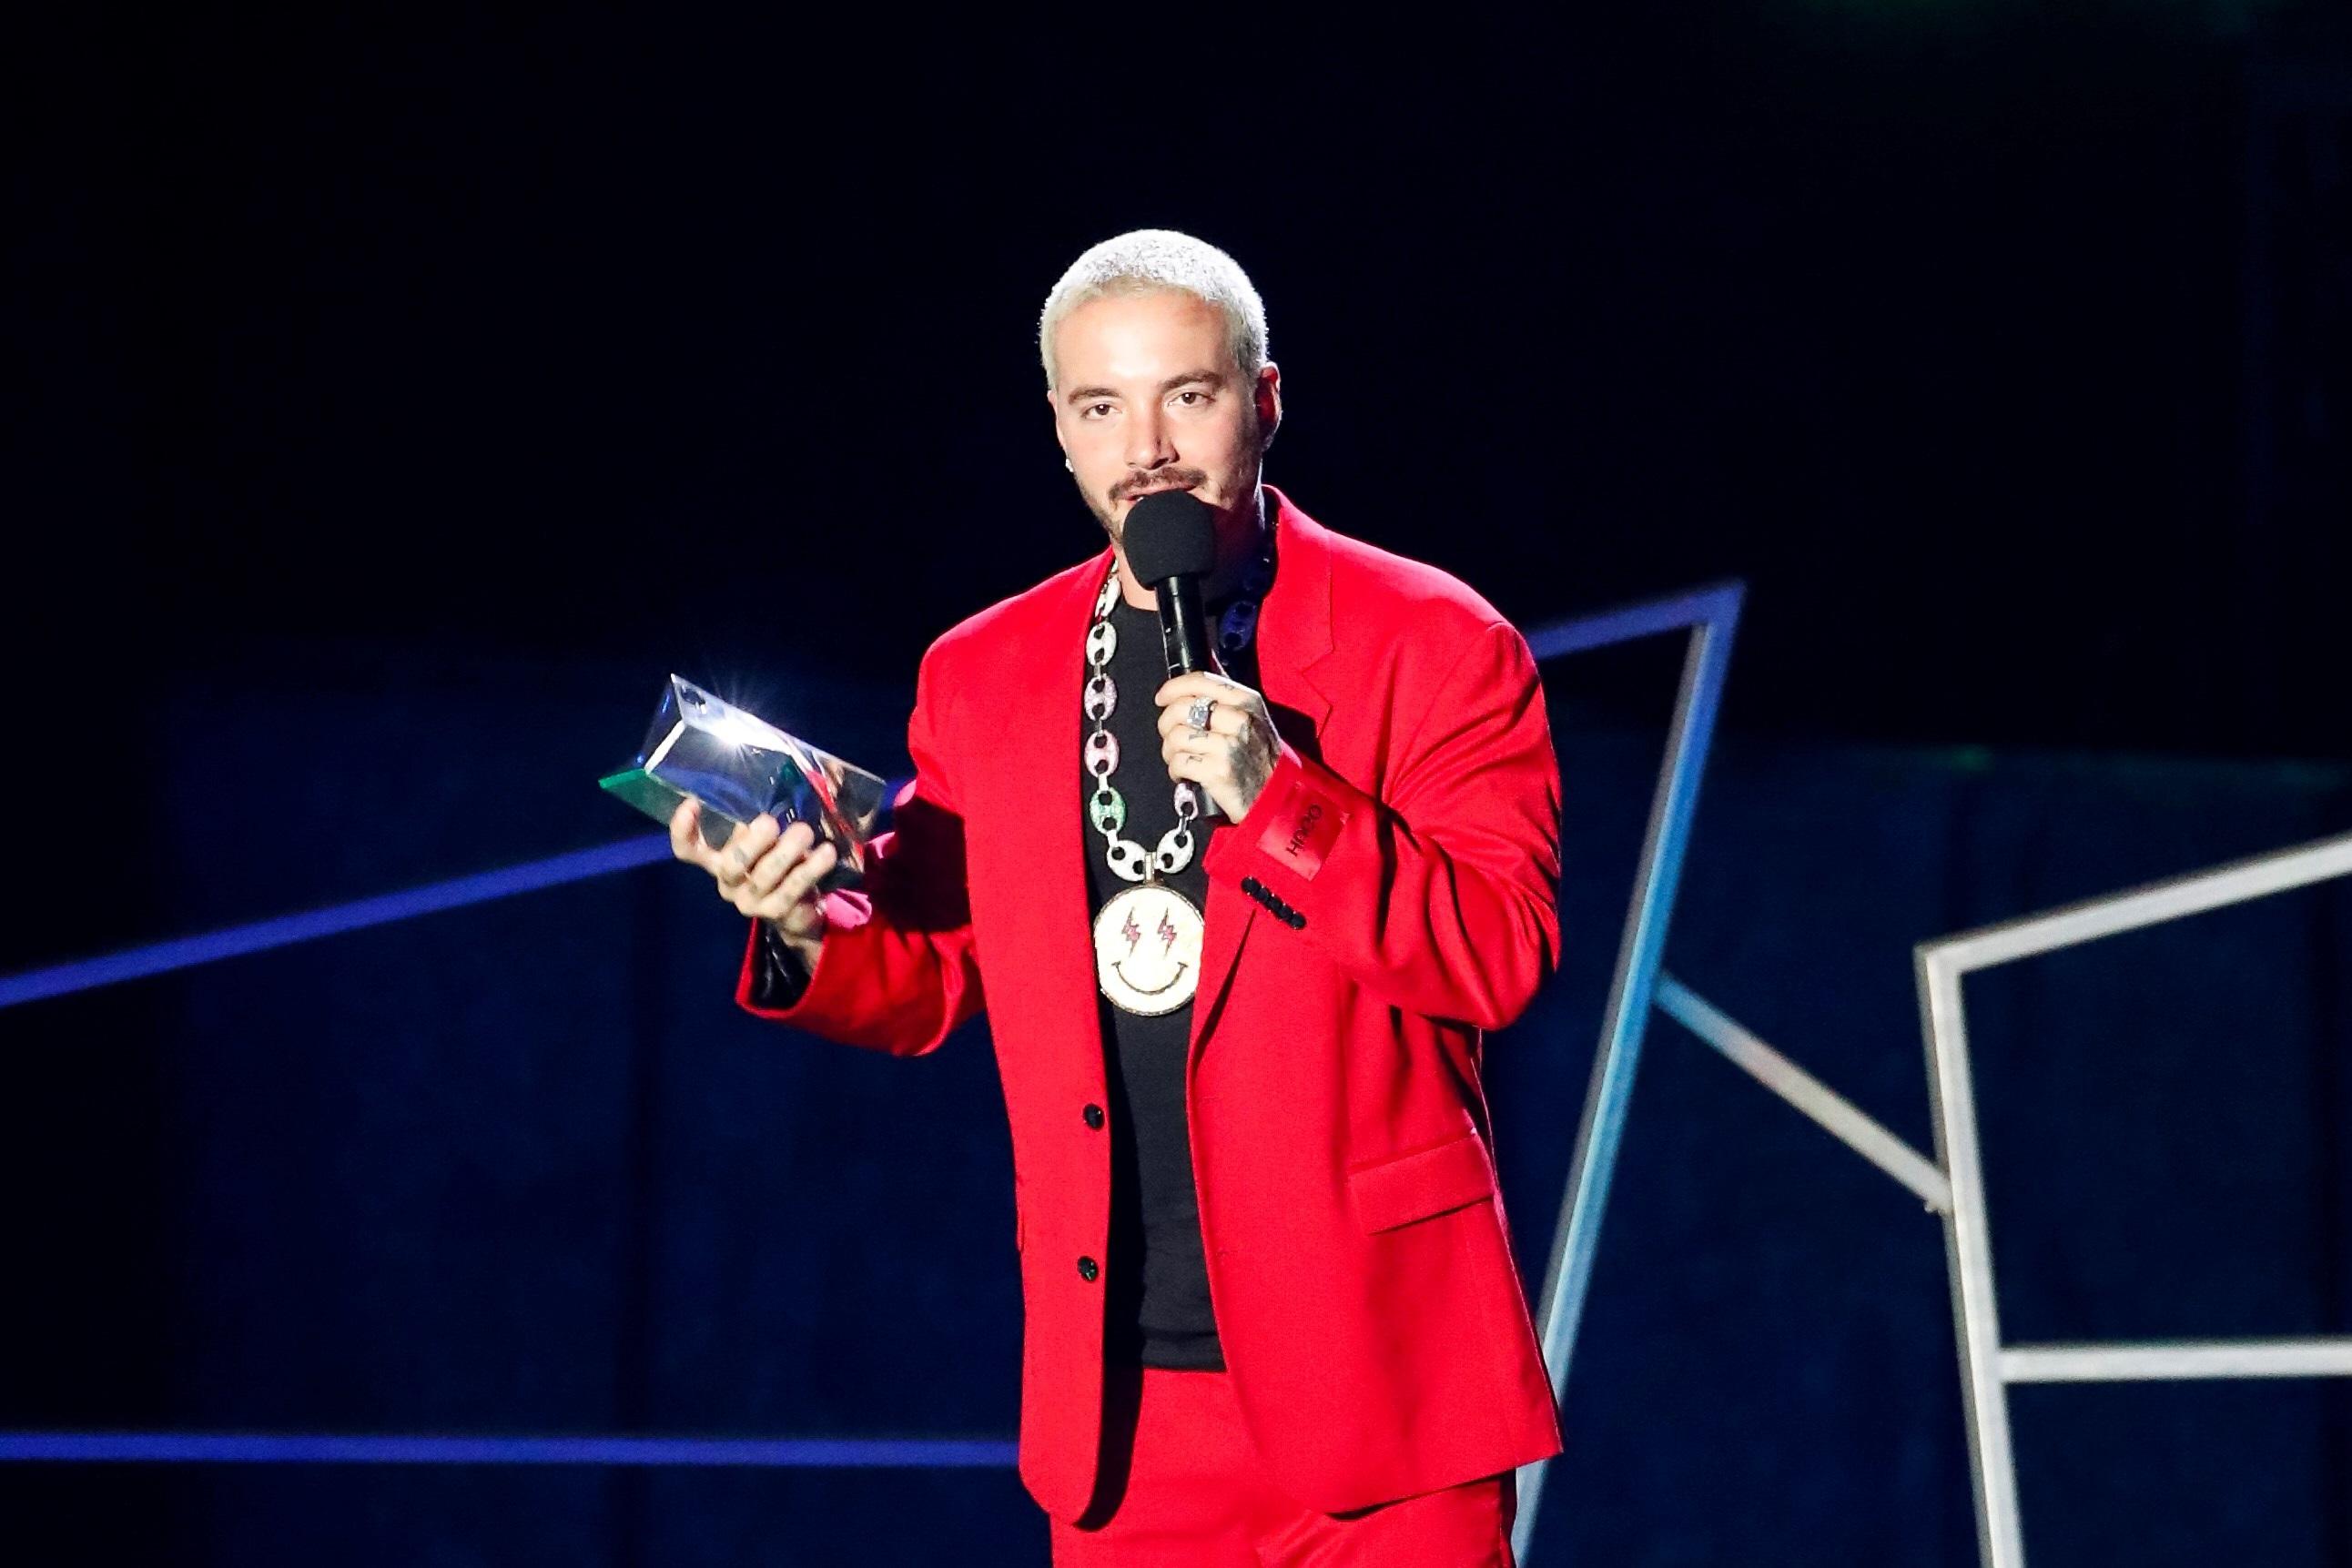 El cantante J Balvin gana el premio al Artista Más Compartido (Foto: EFE/José Méndez)